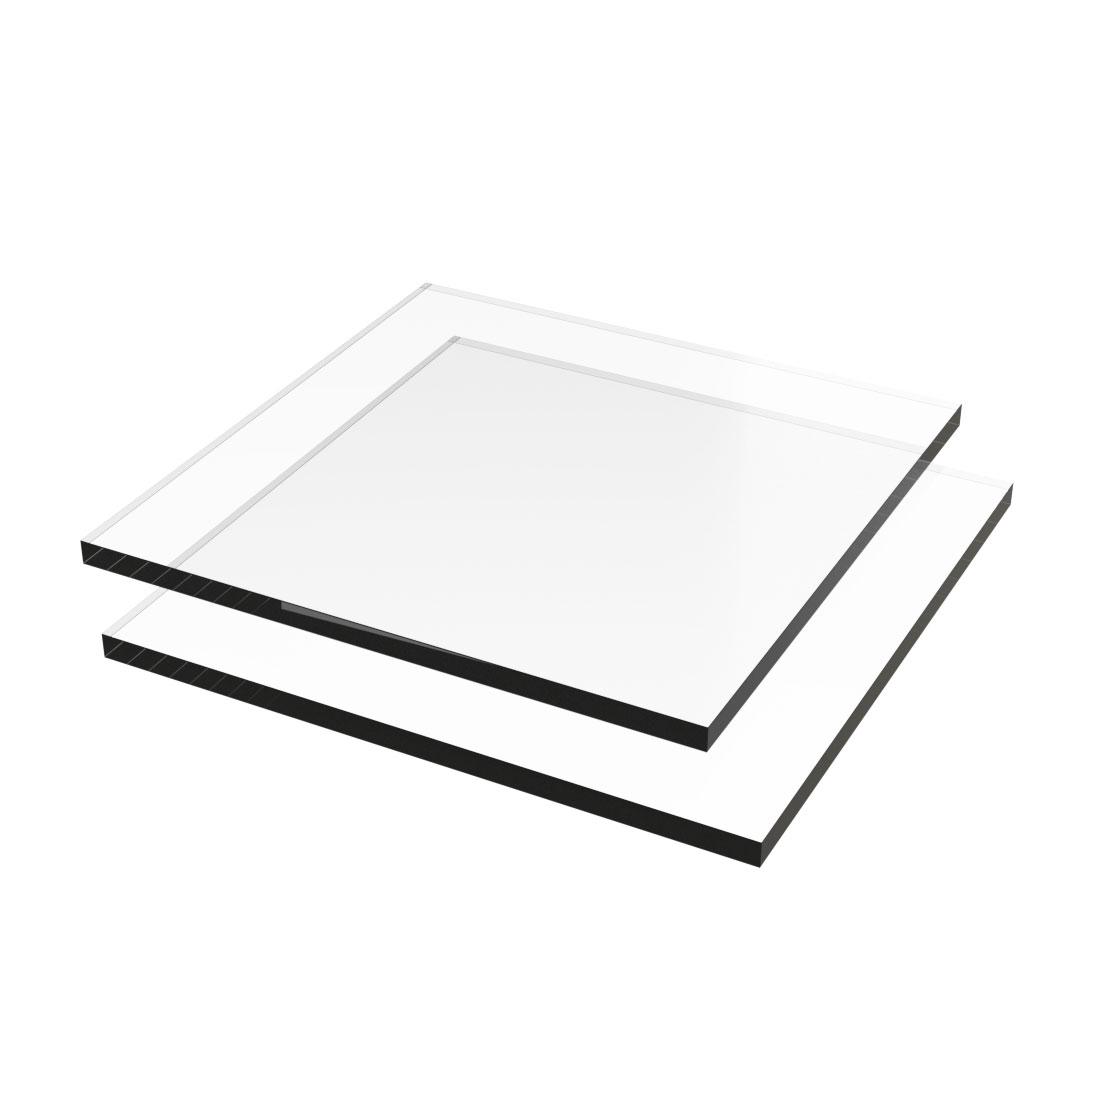 Vivak PETG Plaat Helder 099 Dubbelzijdig folie 2050x1250x0,5mm